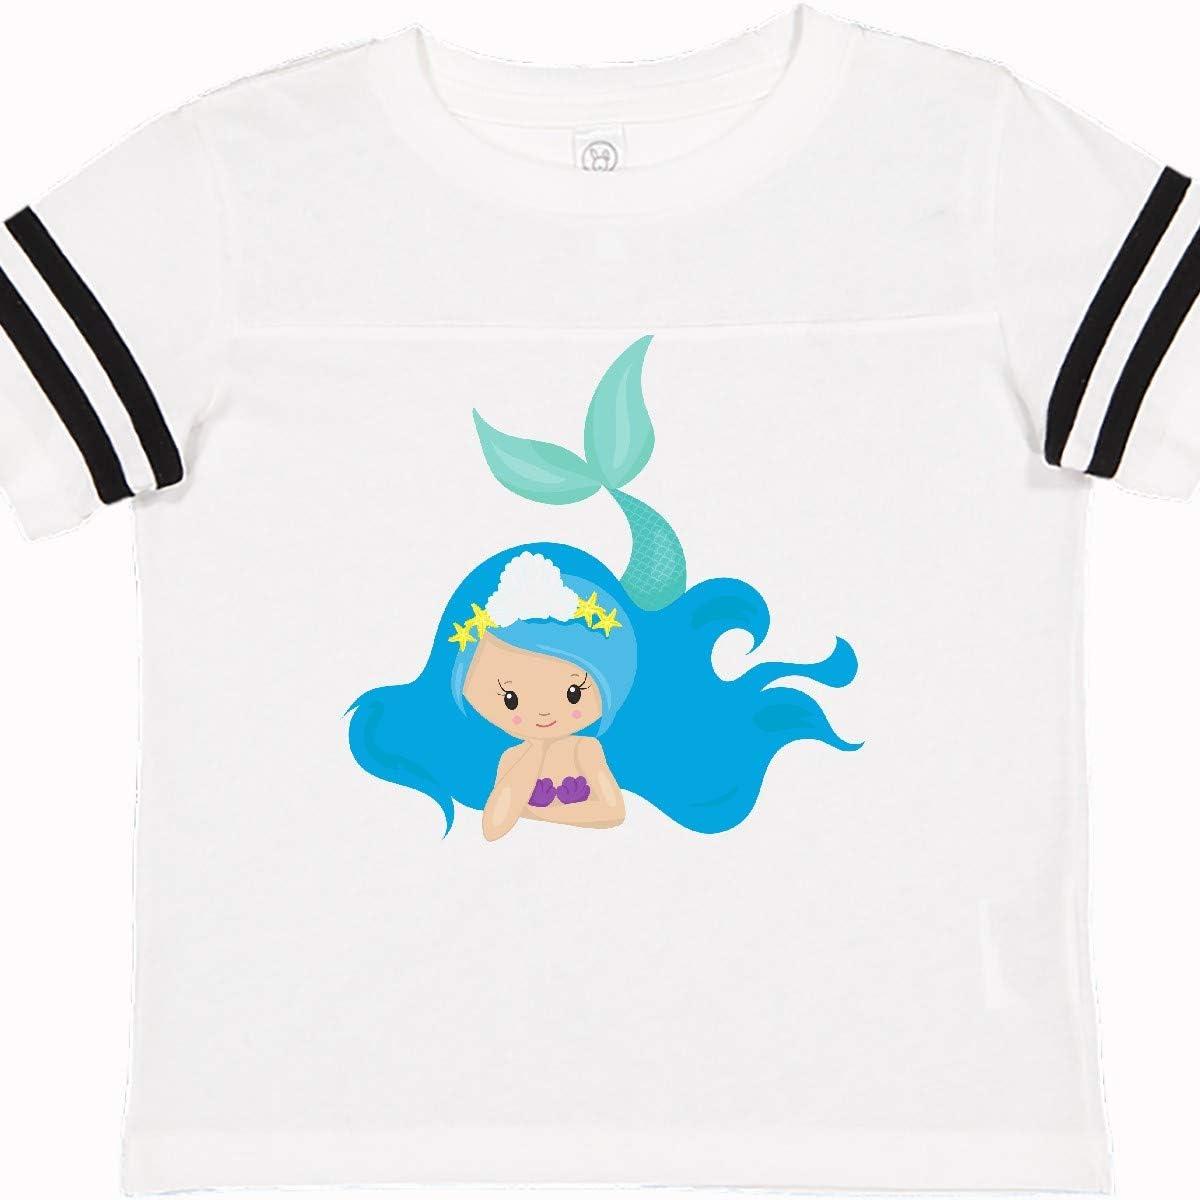 Green Tail Toddler T-Shirt Long Blue Hair inktastic Cute Mermaid